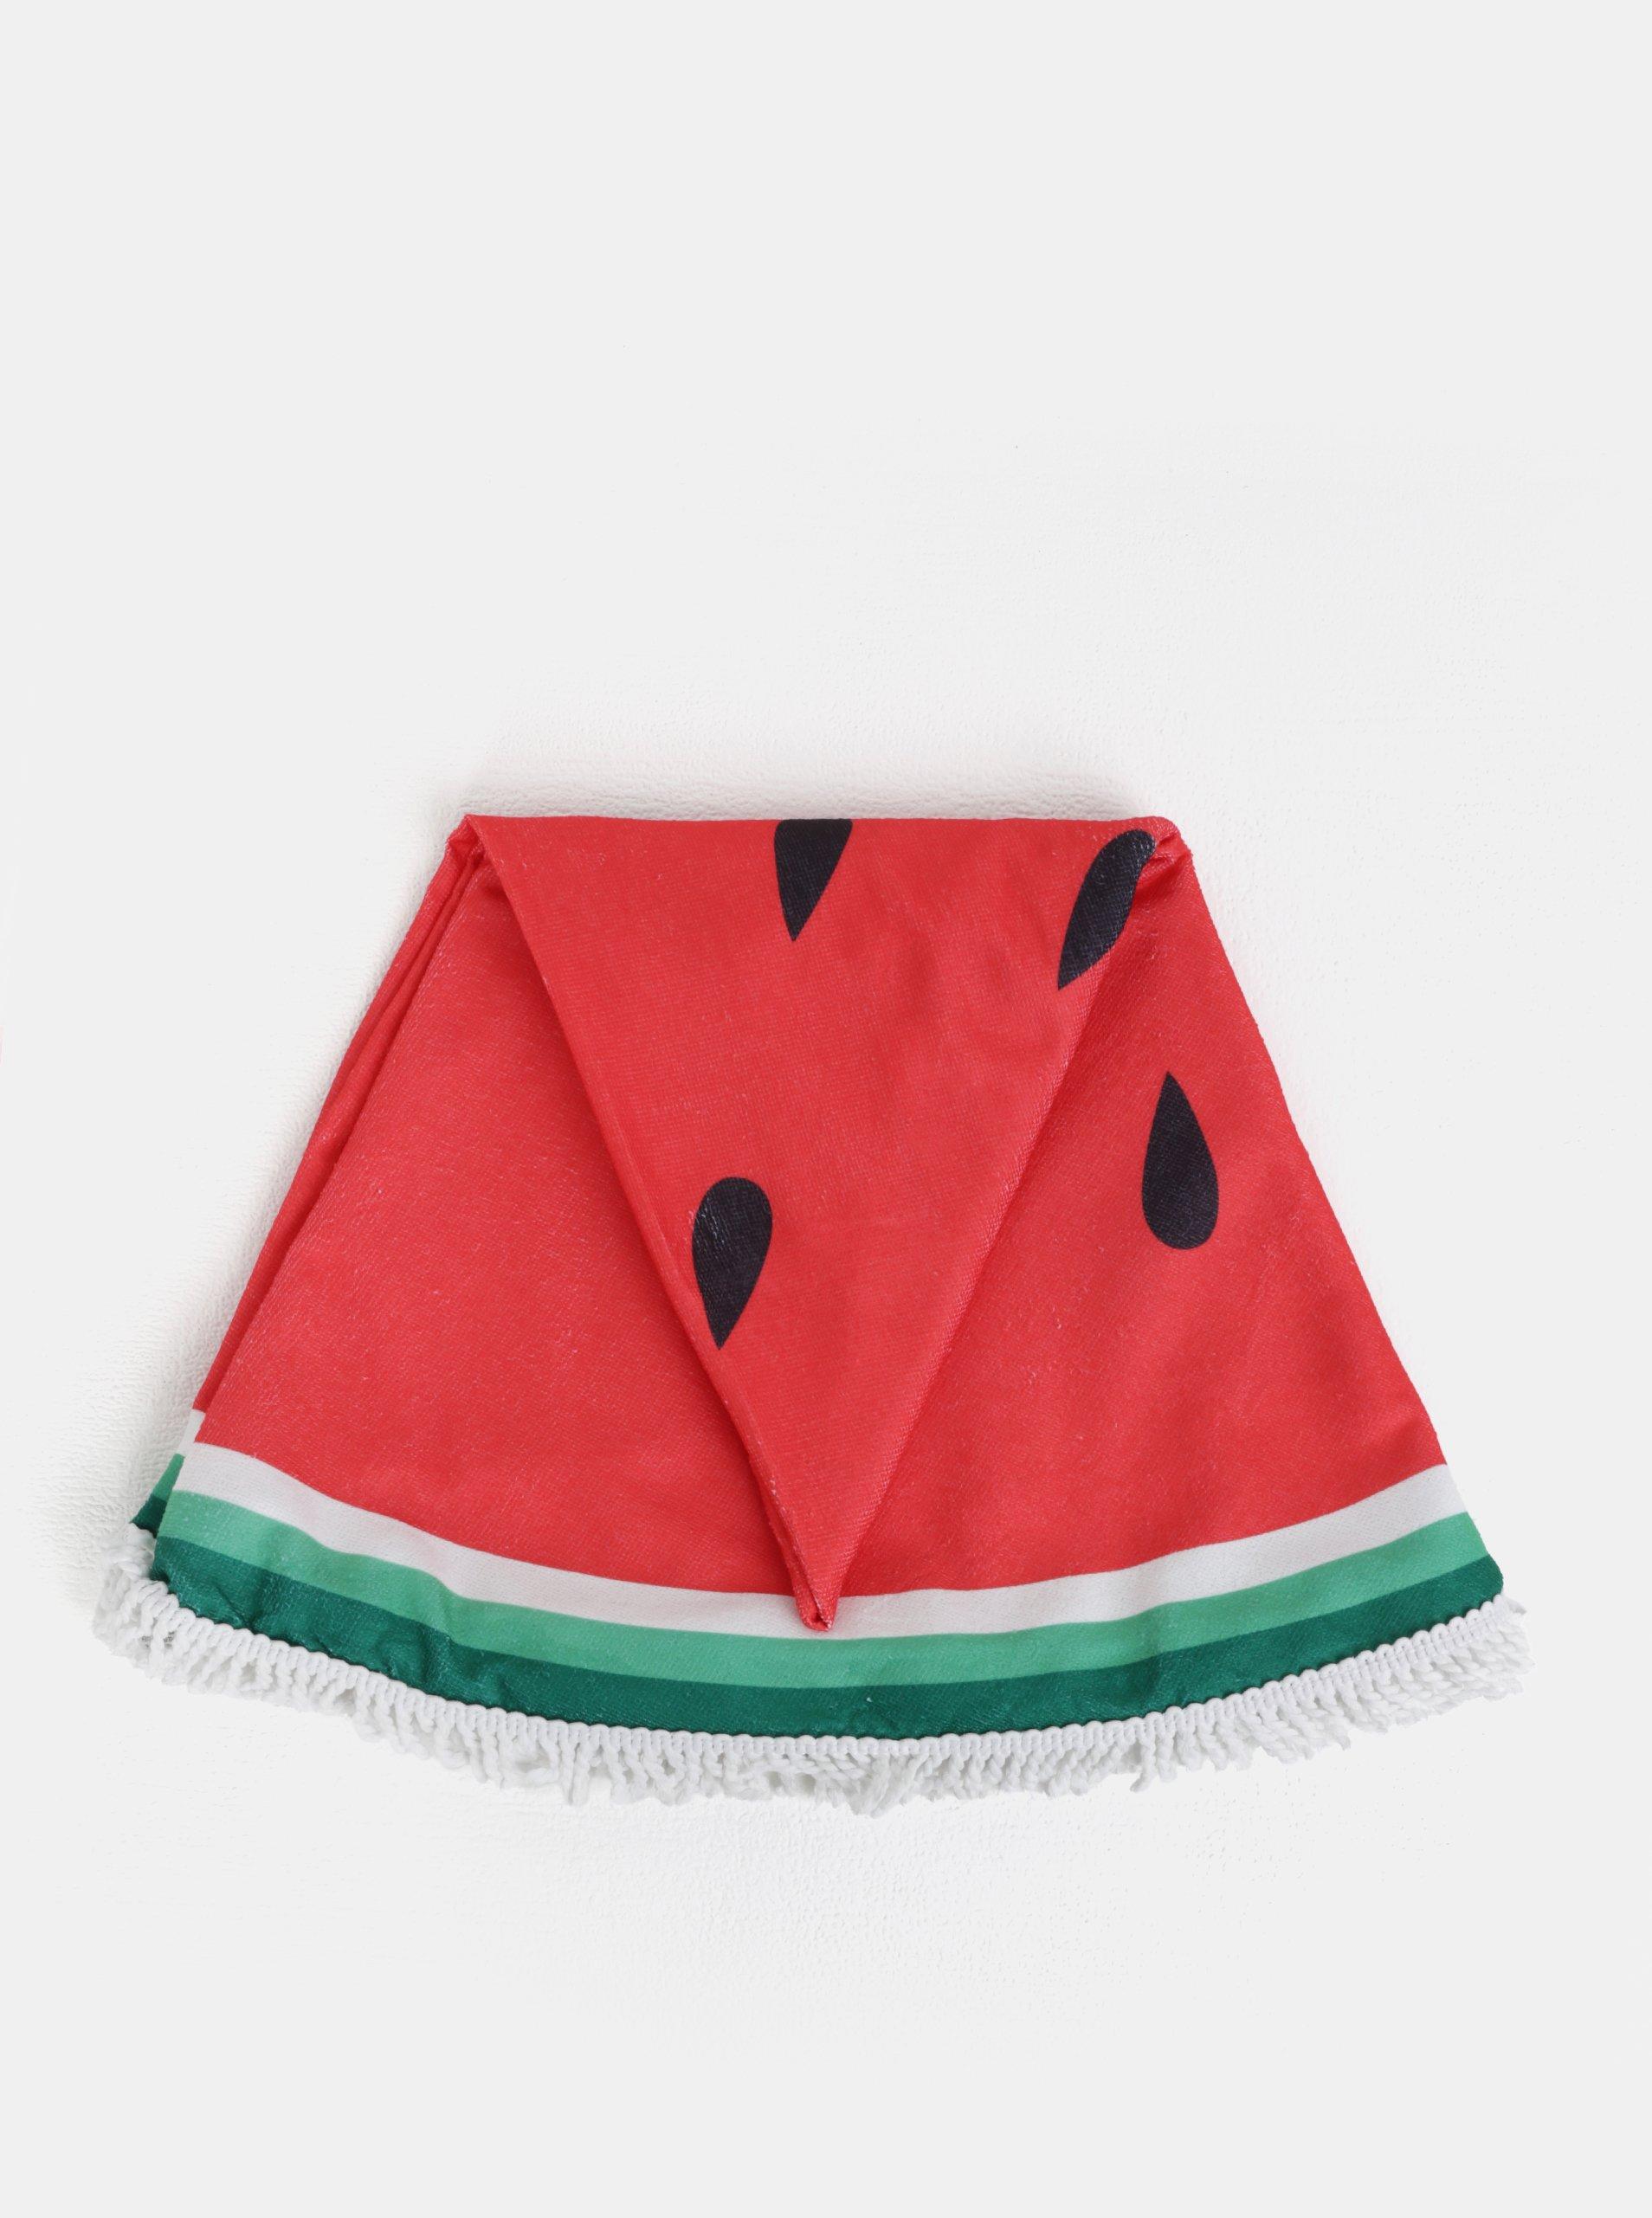 Zeleno-červená kulatá plážová deka s motivem melounu ZOOT